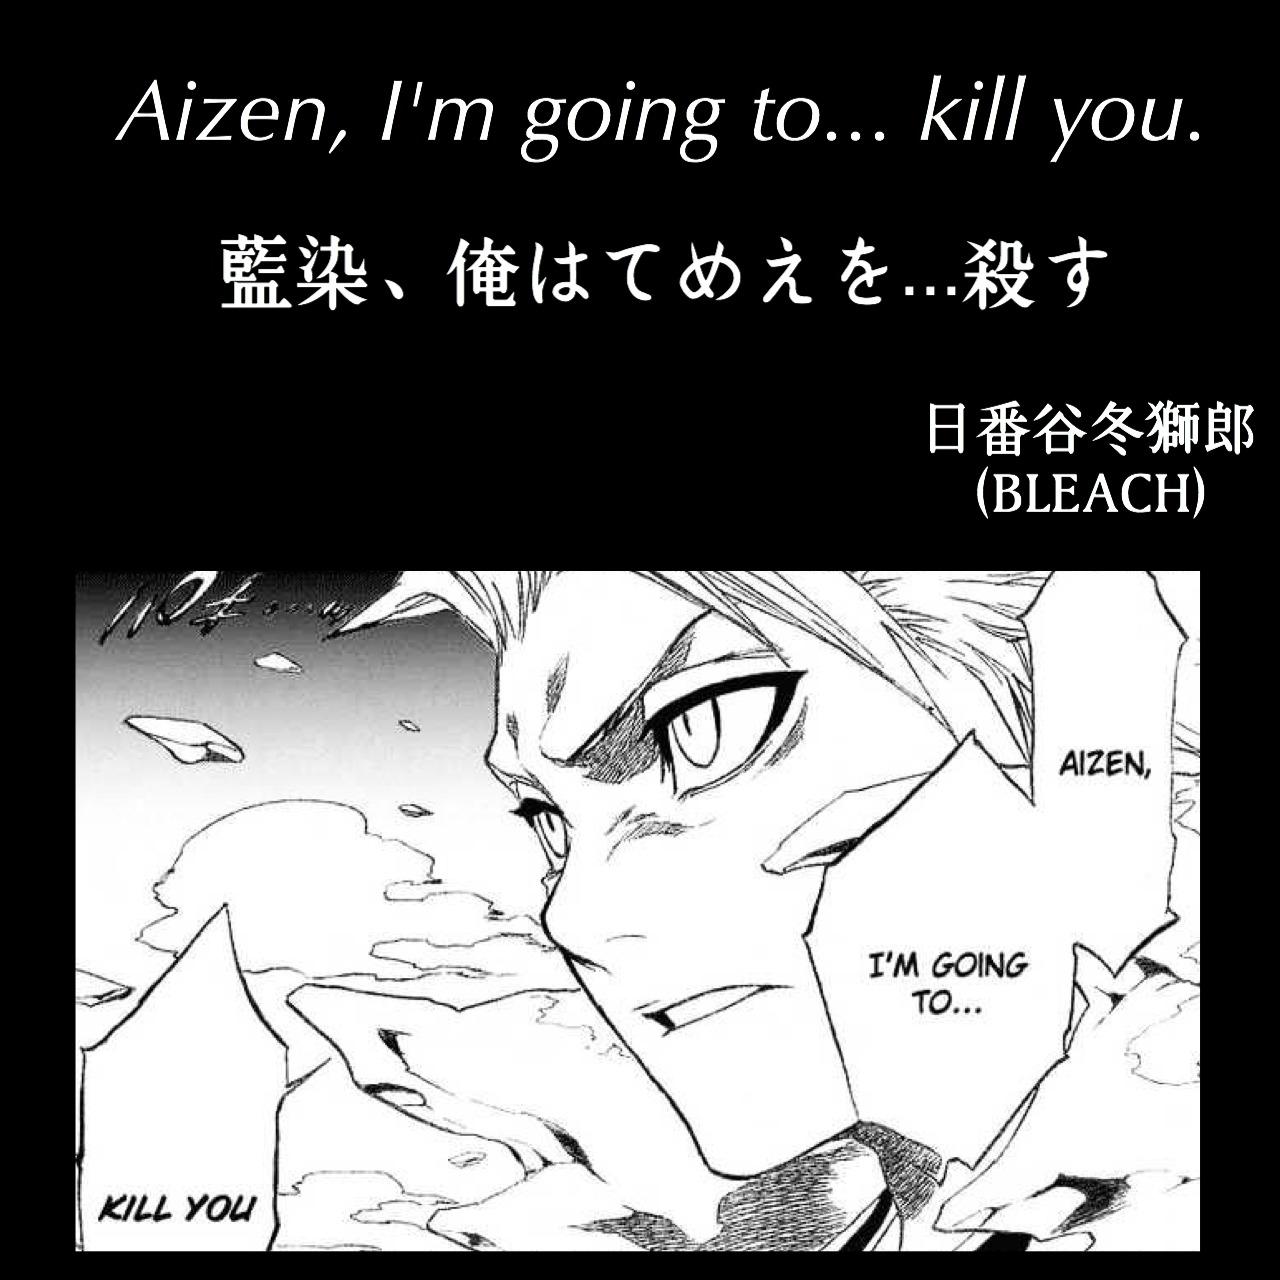 藍染、俺はてめえを…殺す / 日番谷冬獅郎(出典:BLEACH)